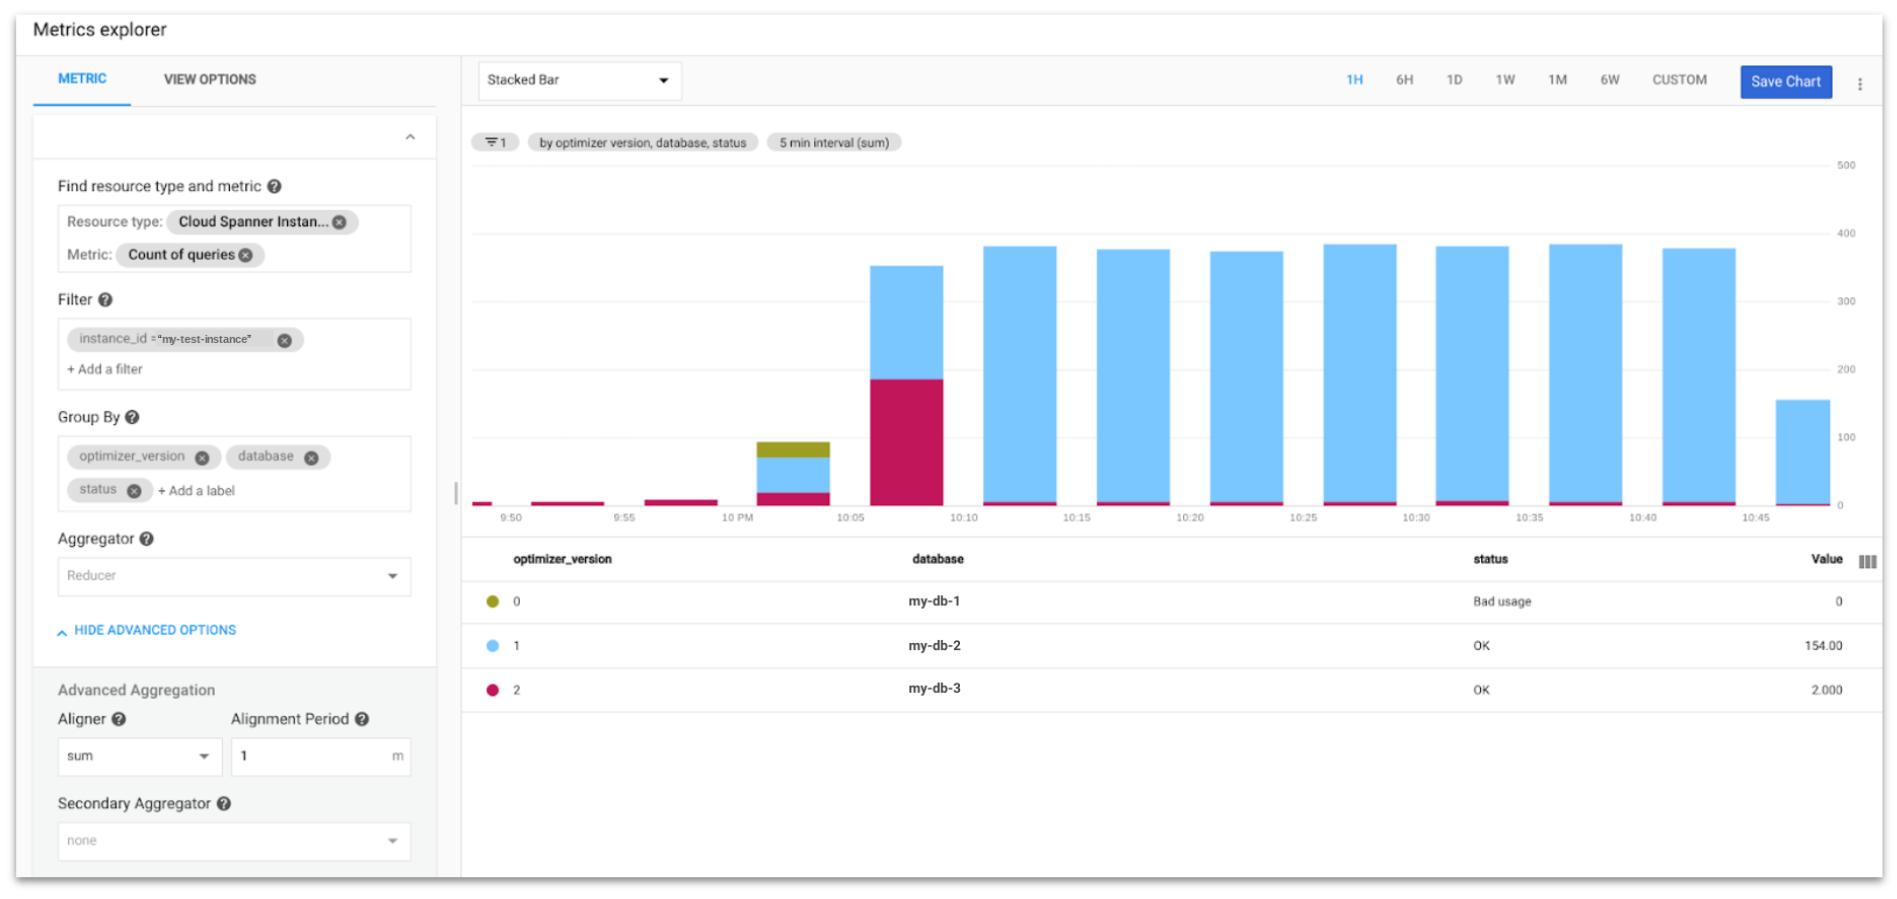 쿼리 최적화 버전으로 그룹화된 측정항목 탐색기 내의 쿼리 수